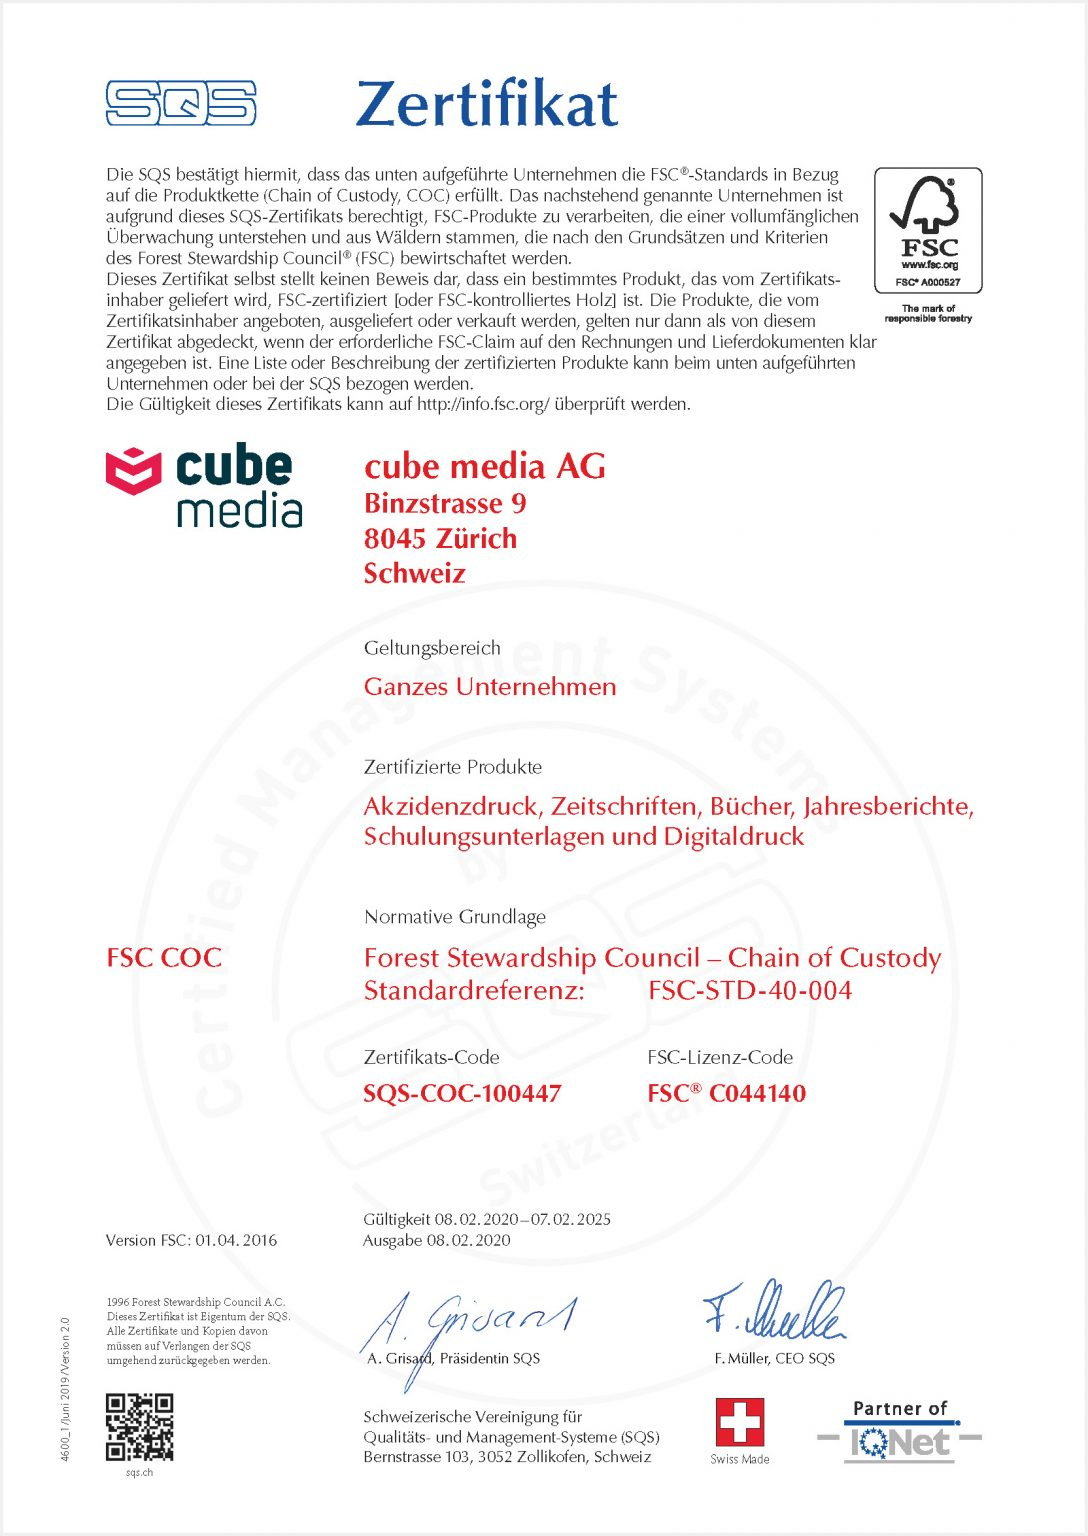 Nachhaltigkeit - cube media AG 6